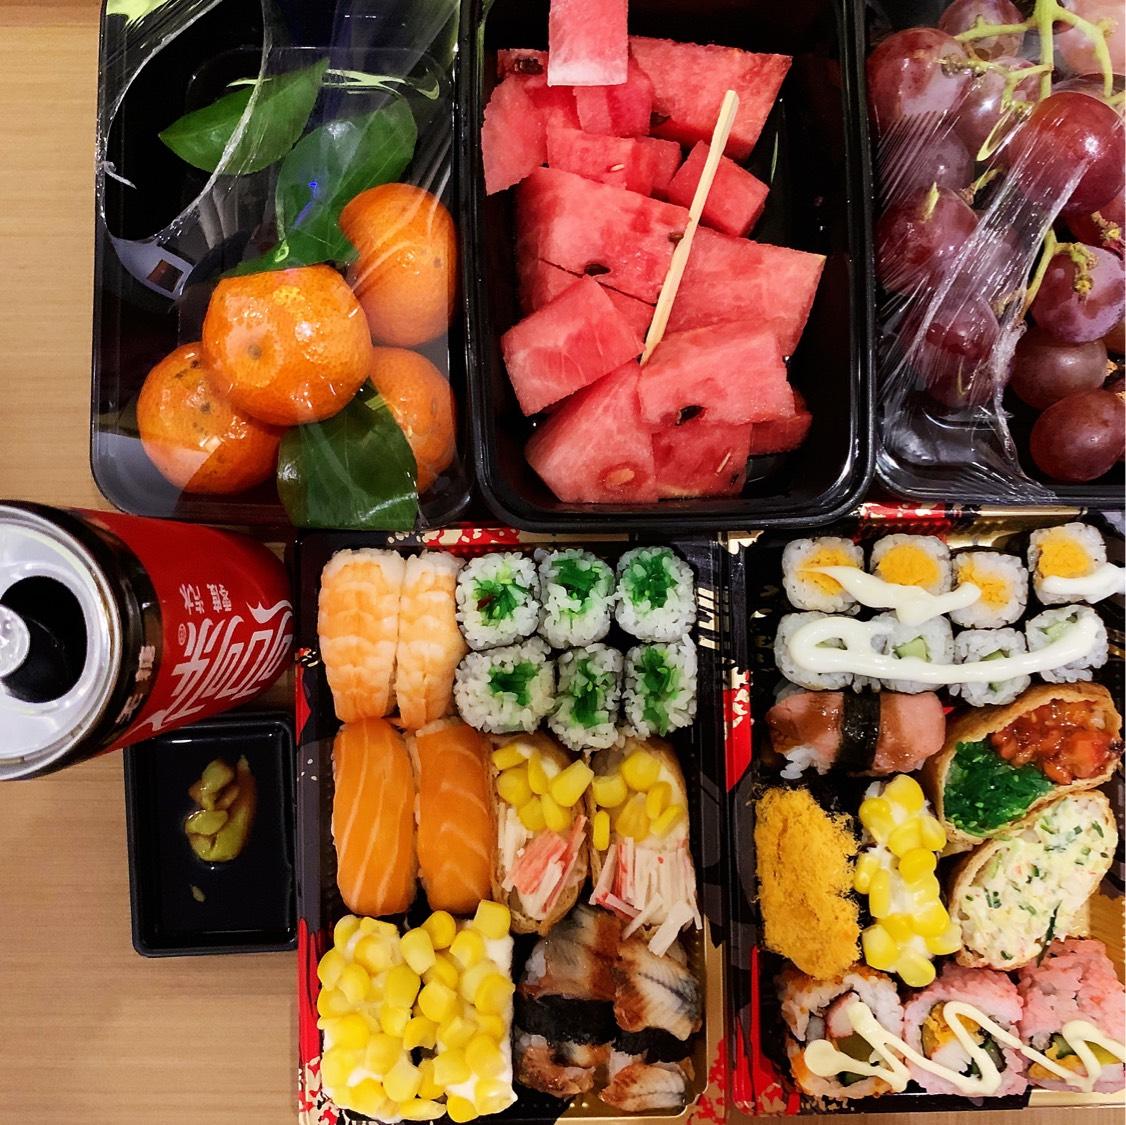 中午随便搞点清凉的水果 寿司吃吃吧 当